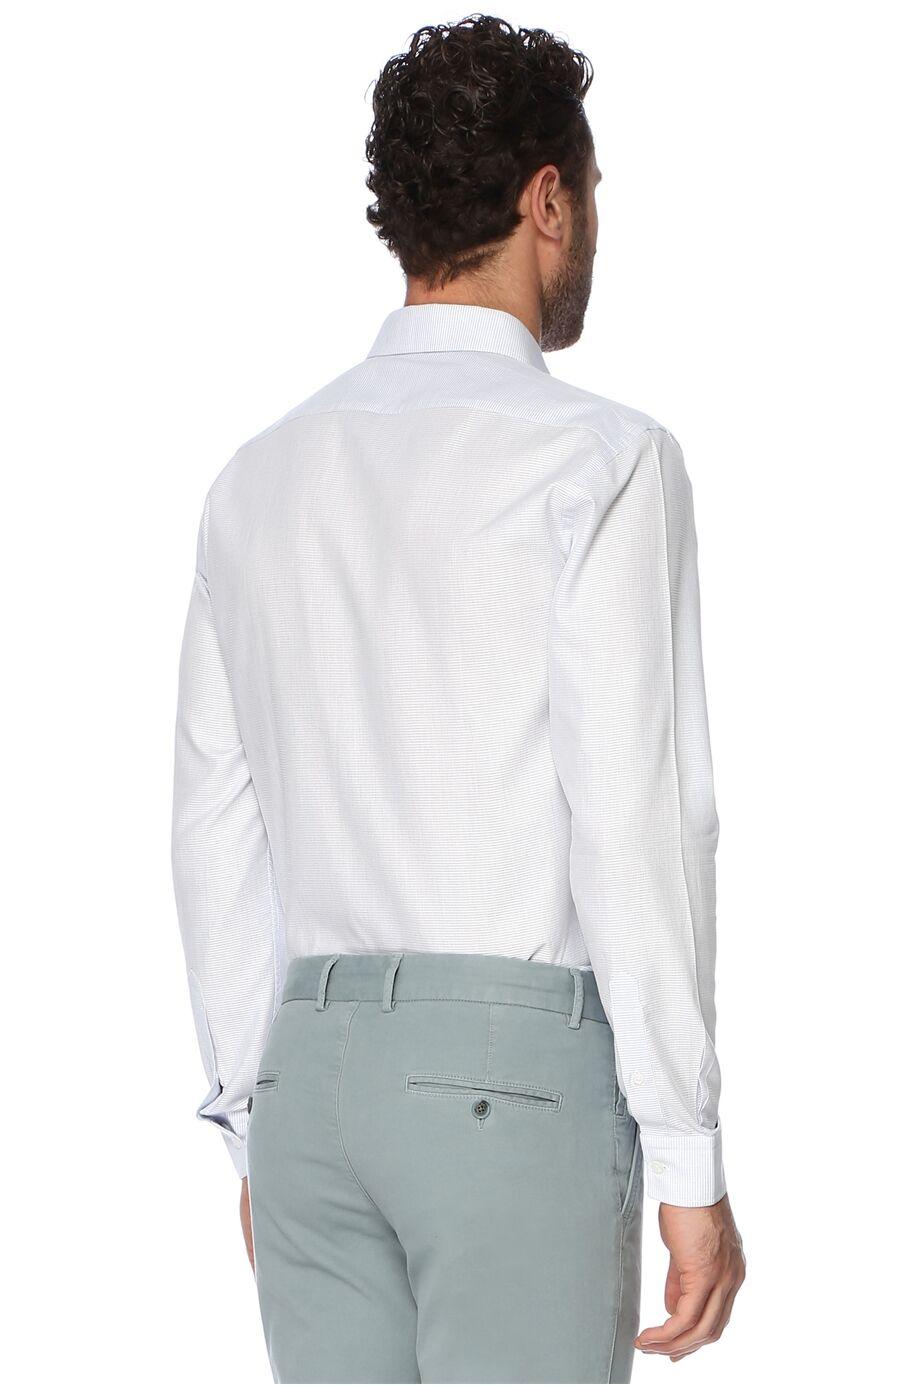 Mikro Slım Fit Beyaz Lacivert Gömlek